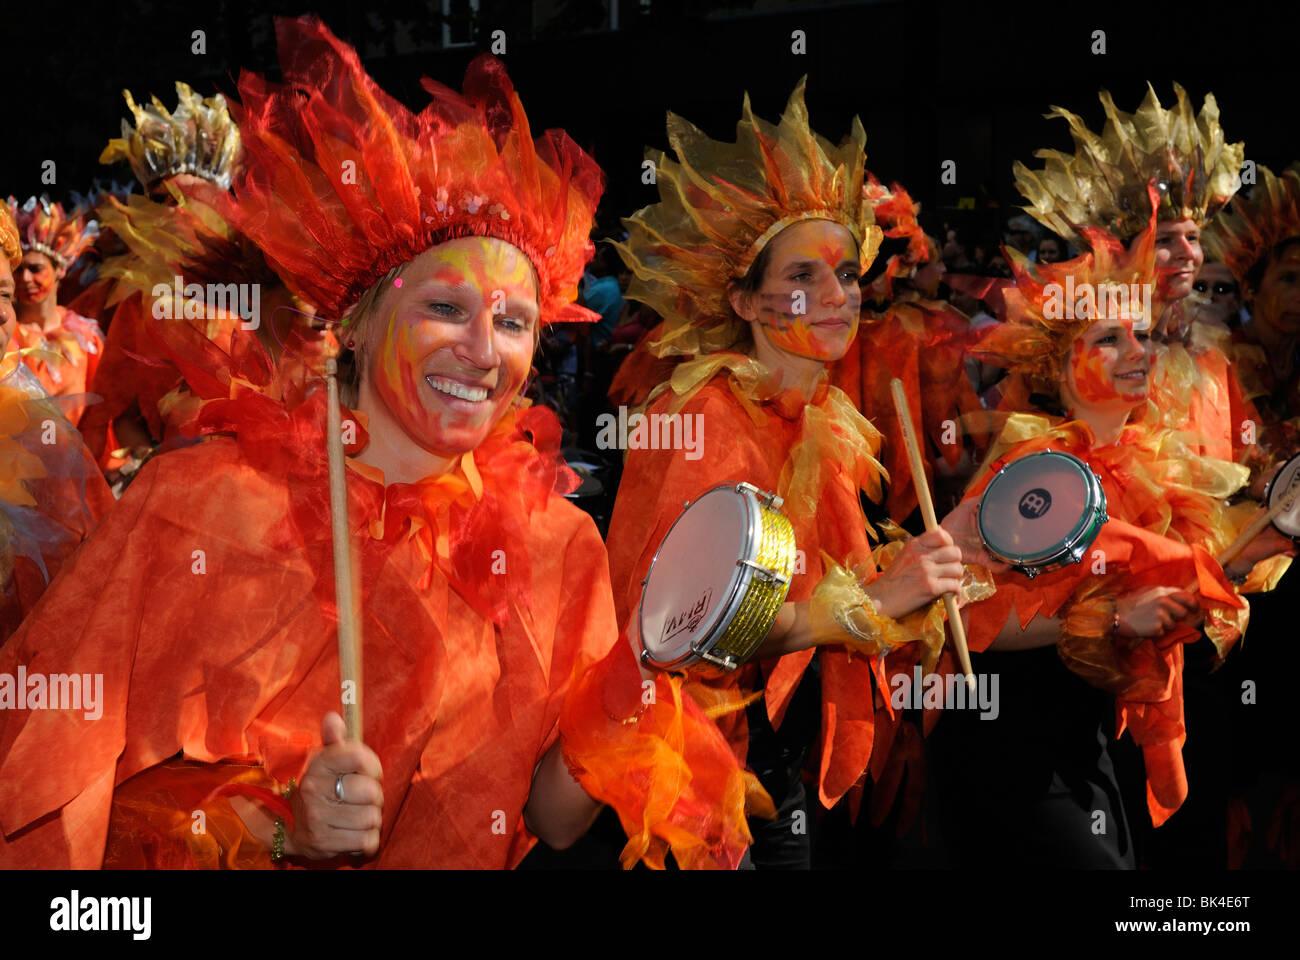 Karneval der Kulturen, el Carnaval de las Culturas, Berlín, distrito Kreuzberg, en Alemania, en Europa. Imagen De Stock